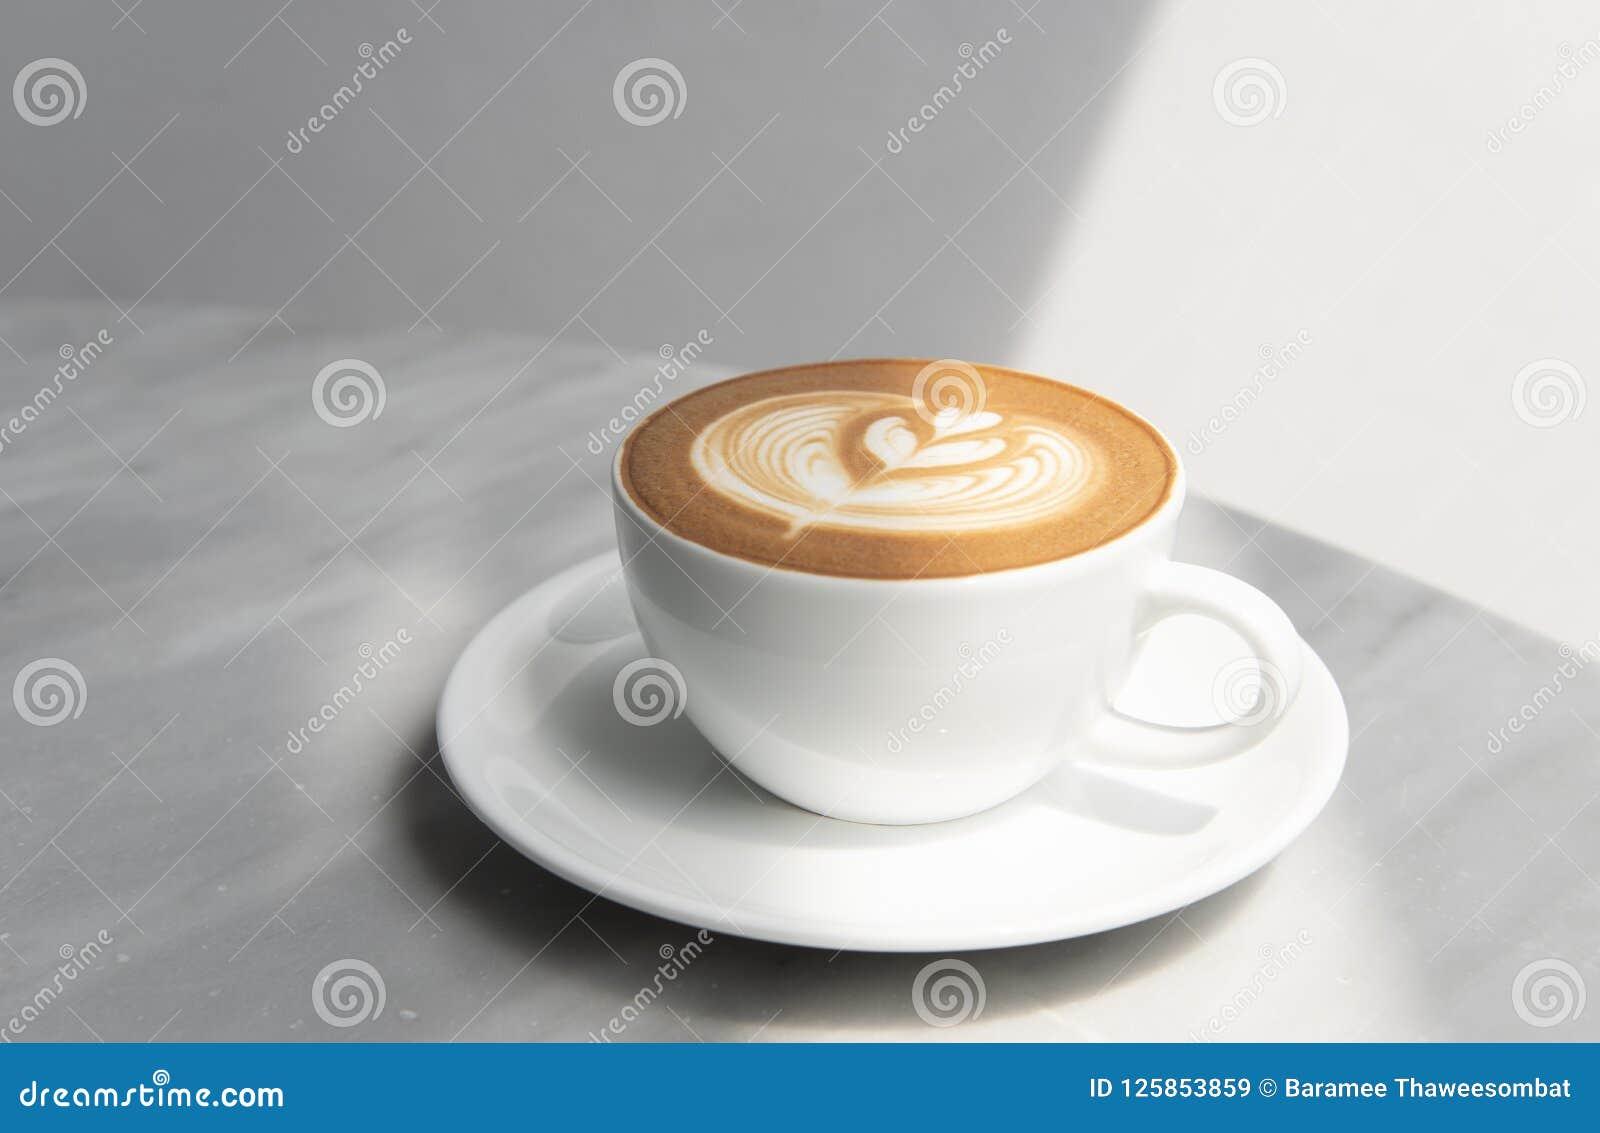 拿铁或热奶咖啡与泡沫的泡沫,咖啡杯顶视图